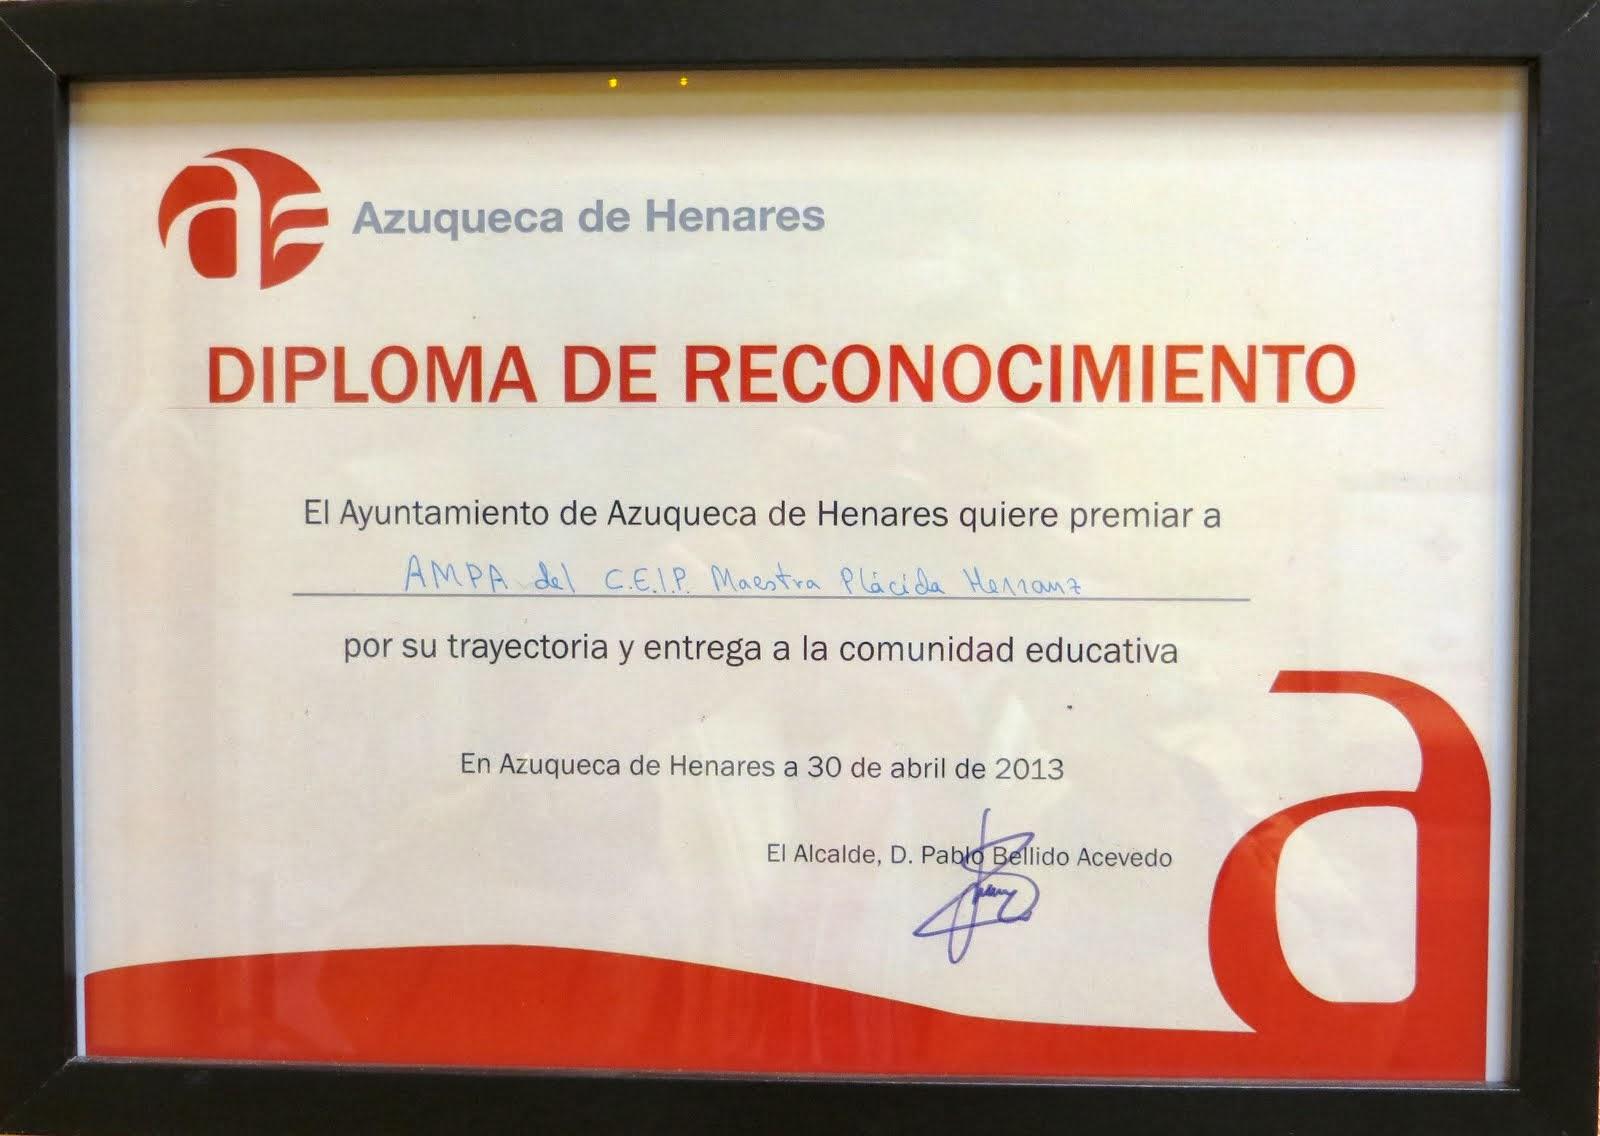 Diploma de Reconocimiento 2013